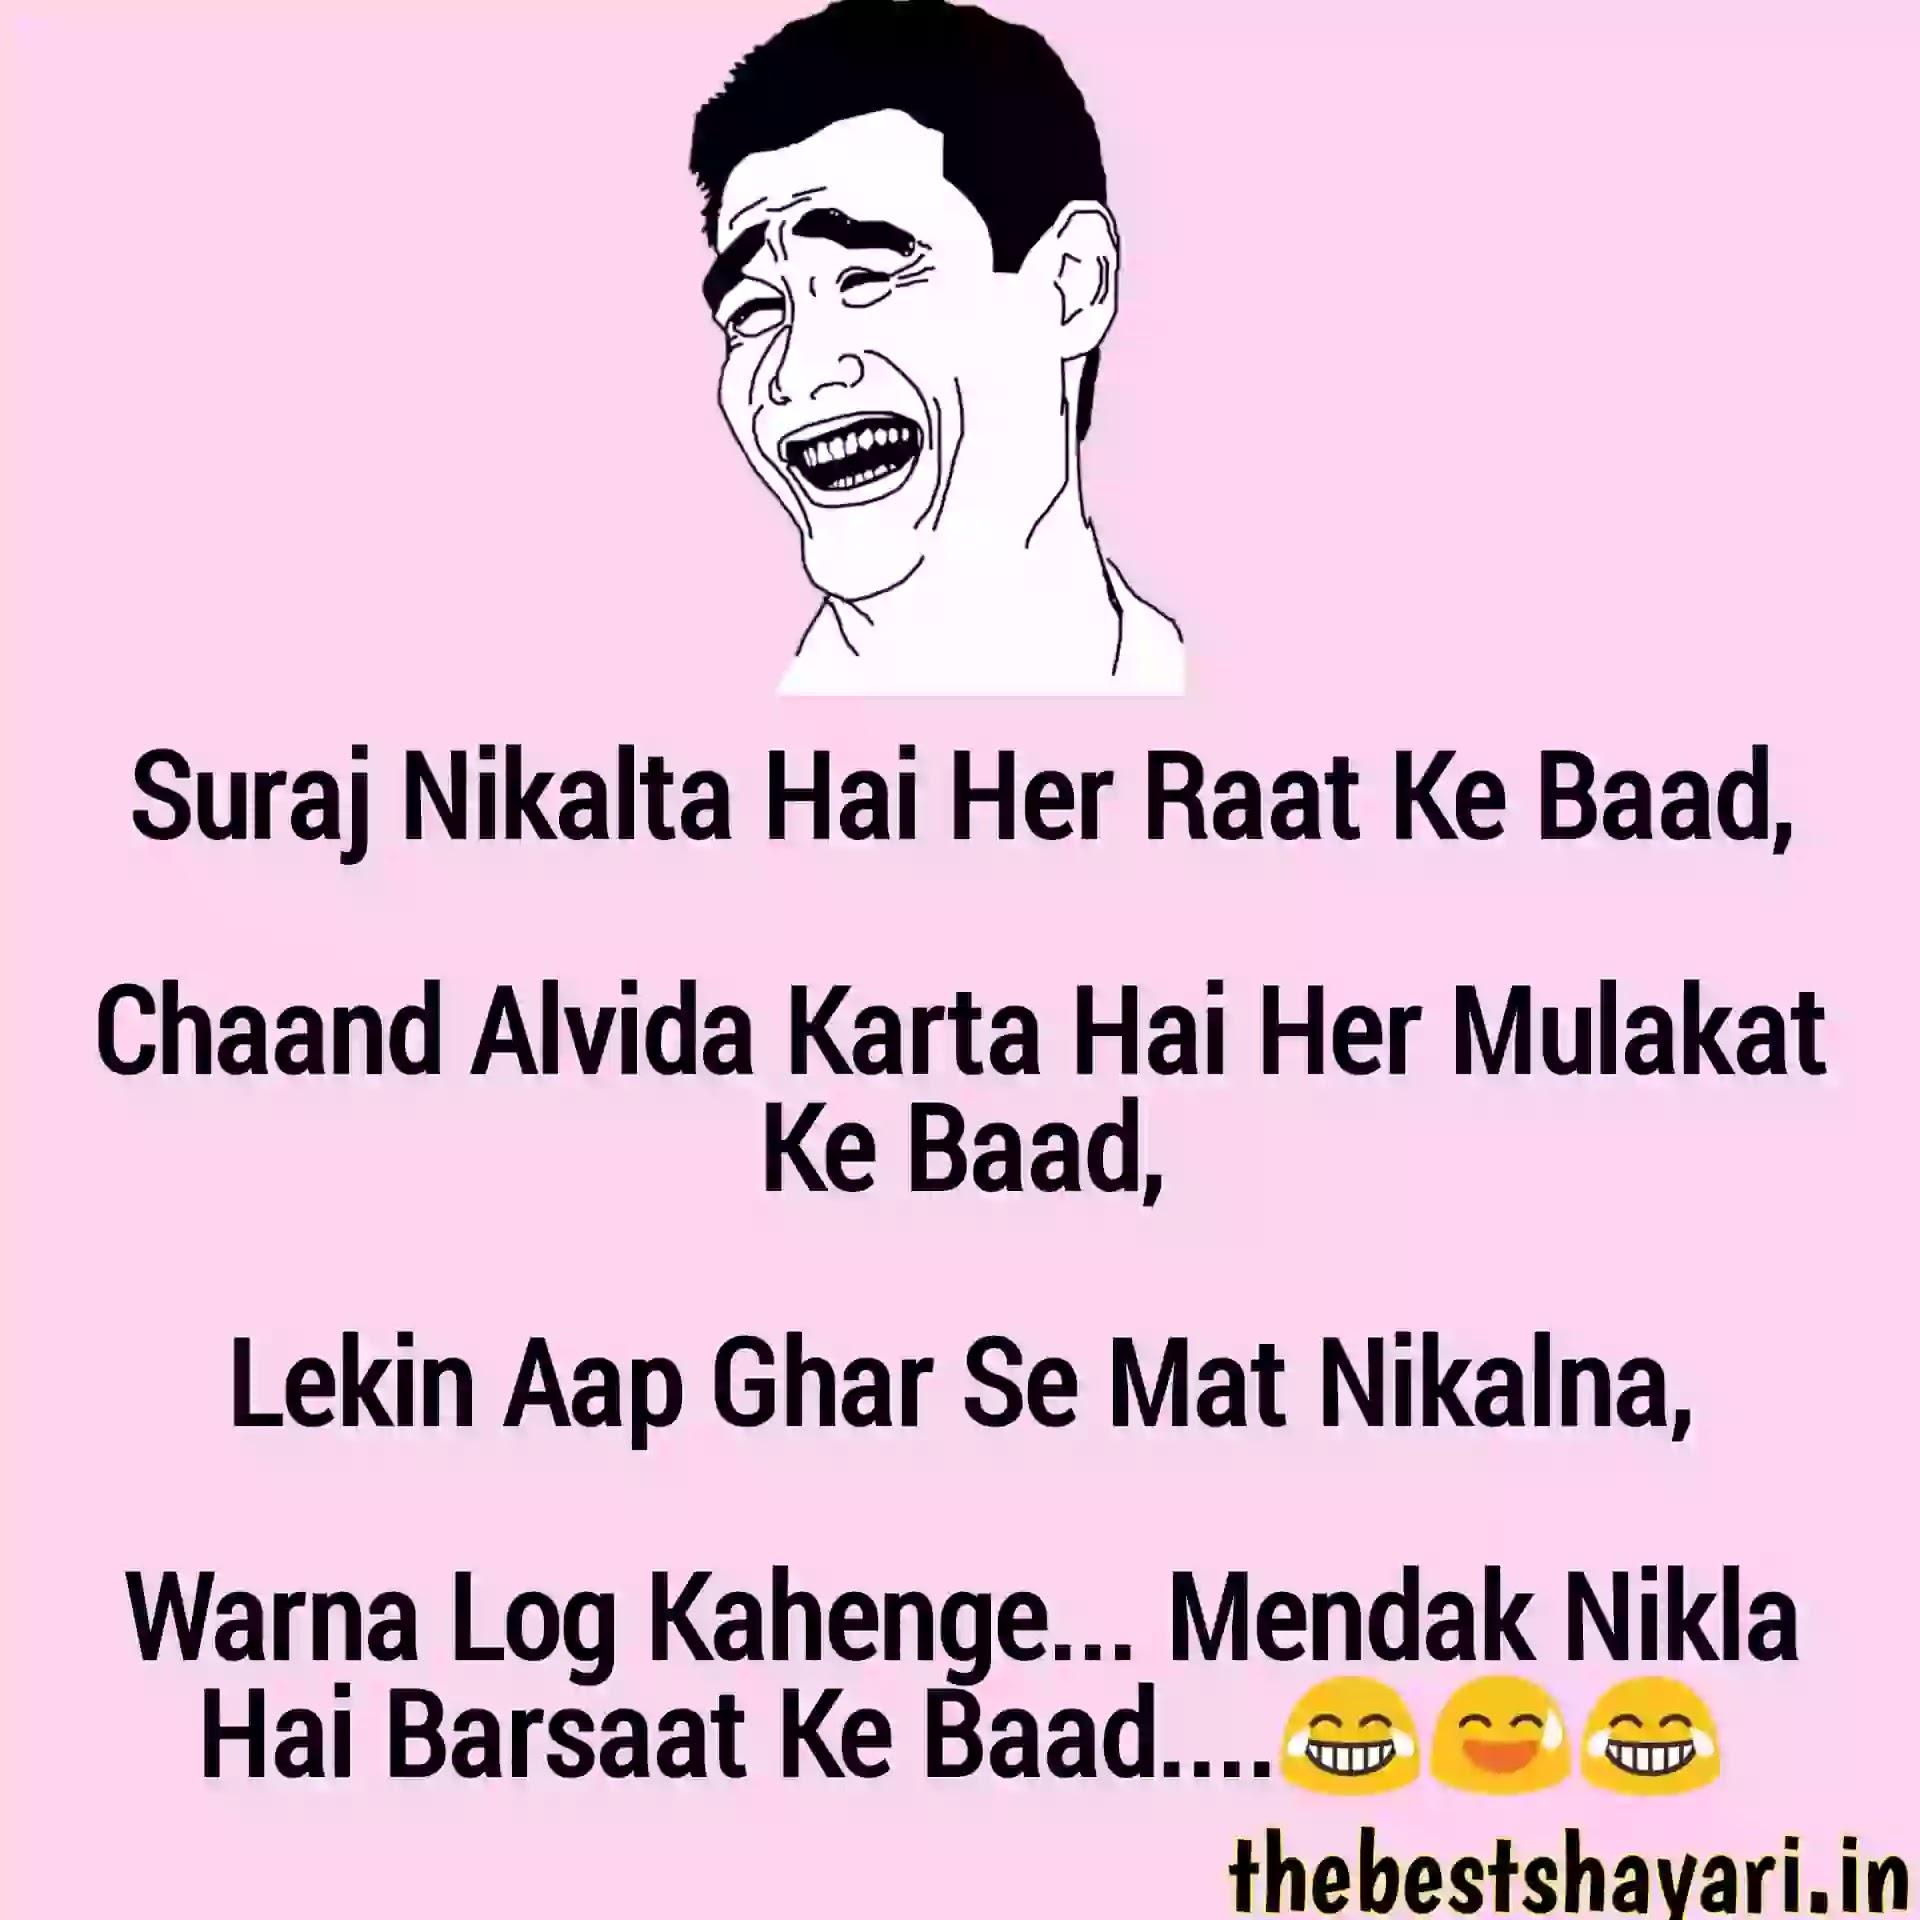 Funny shayari in English images